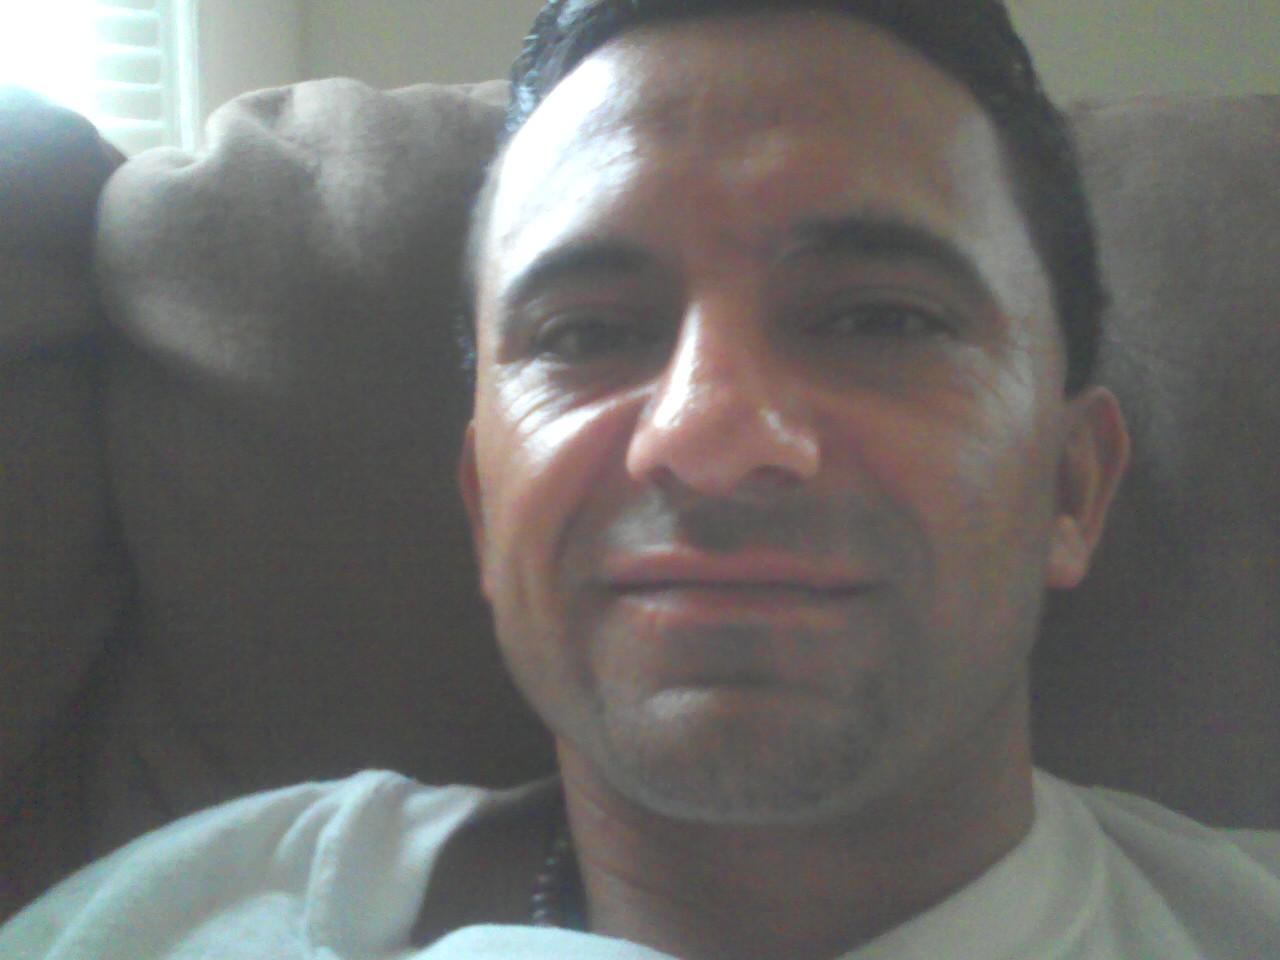 Jefferson County John Doe (2009)